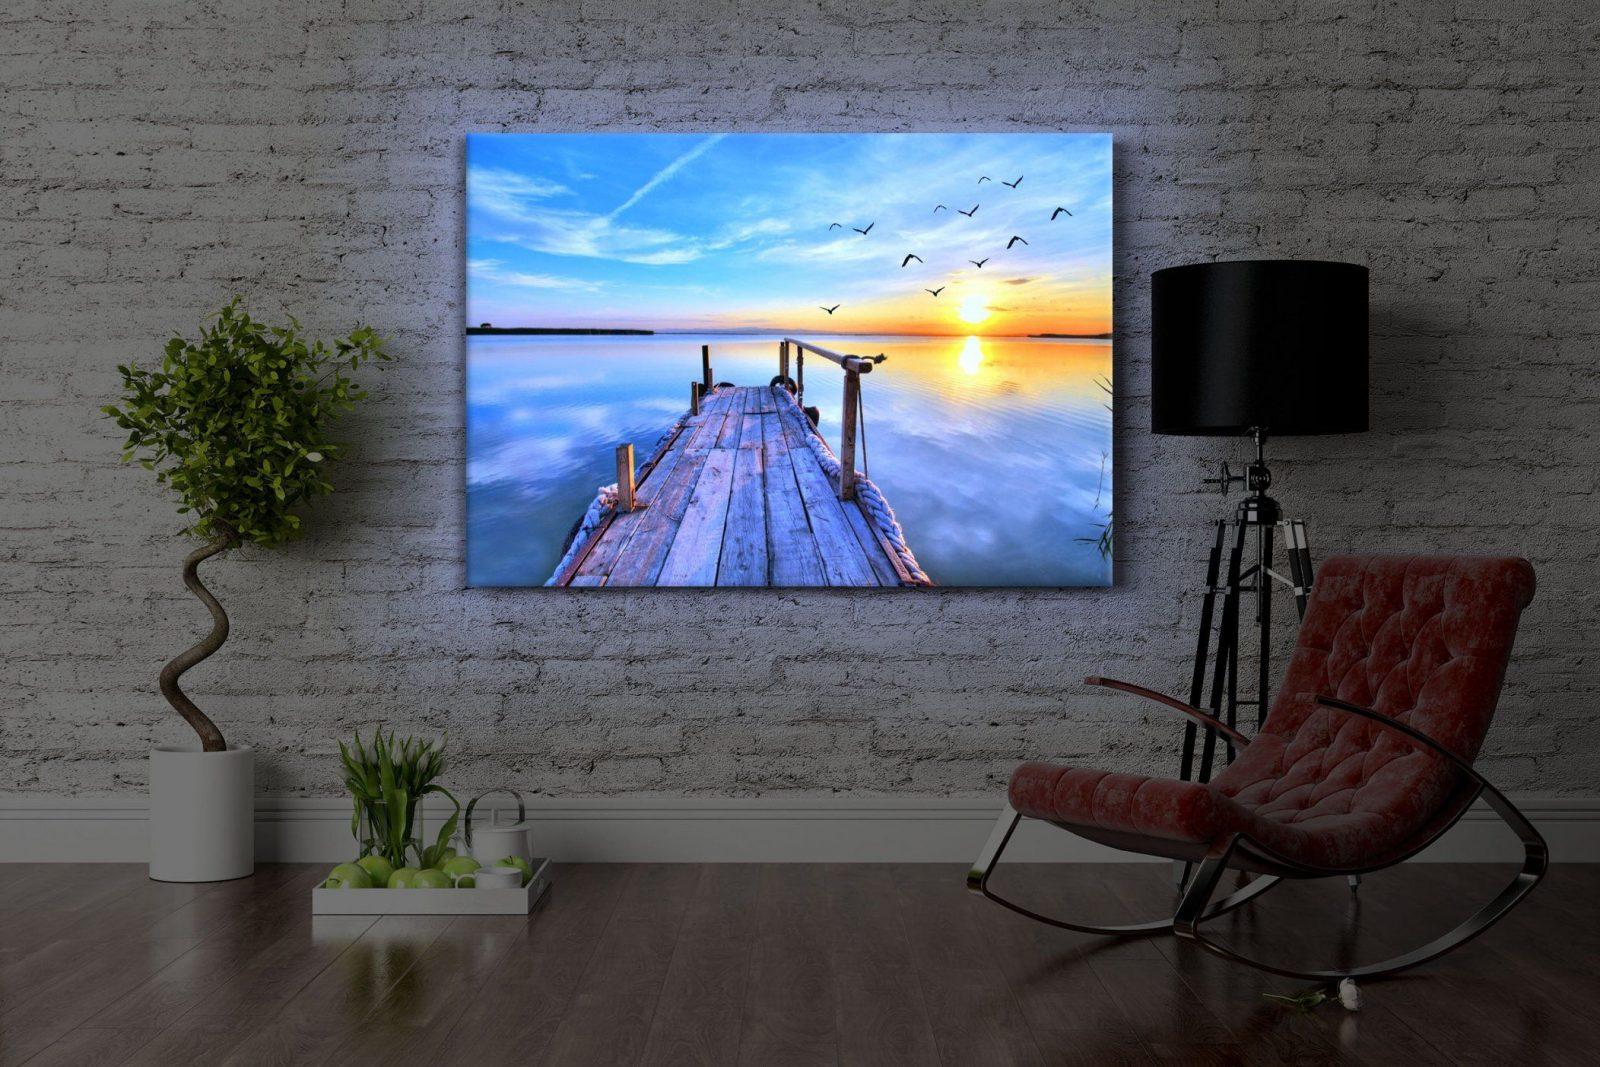 Leuchtbild Led Bild  Steg Mit Möwen Bei Sonnenuntergang  Front von Led Leinwandbild Selber Machen Photo